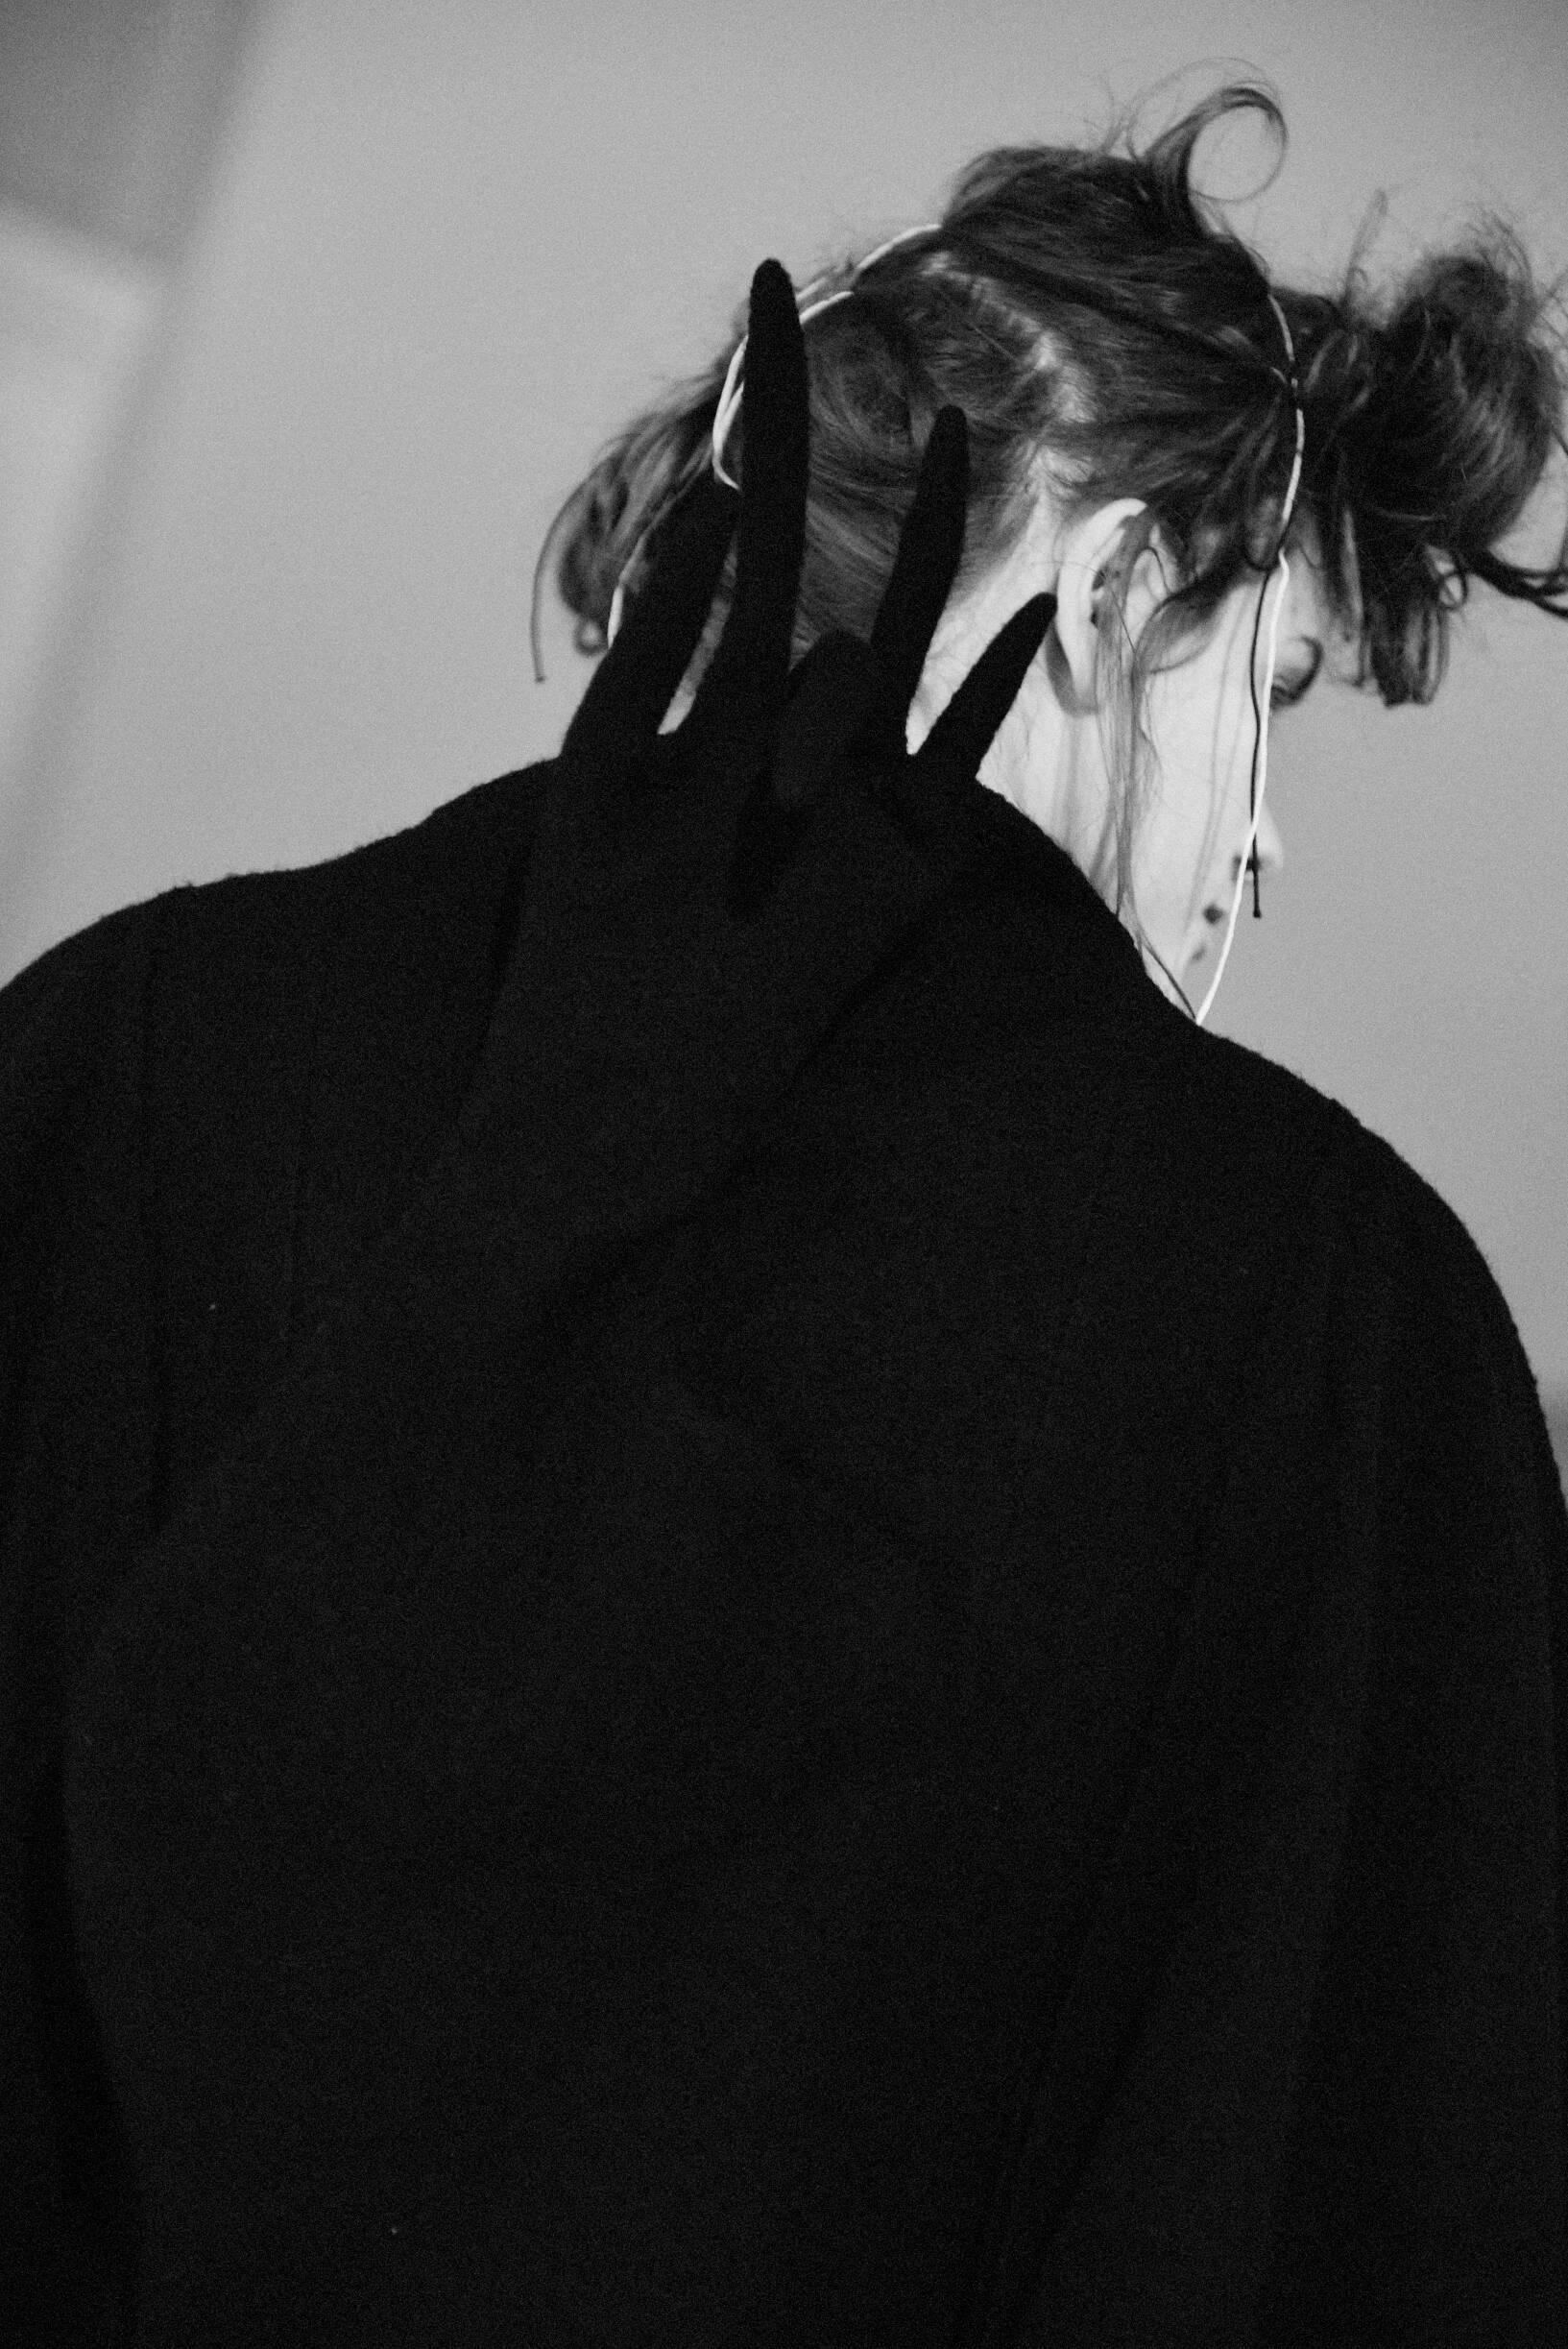 Backstage Yohji Yamamoto Fall Womenswear 2019